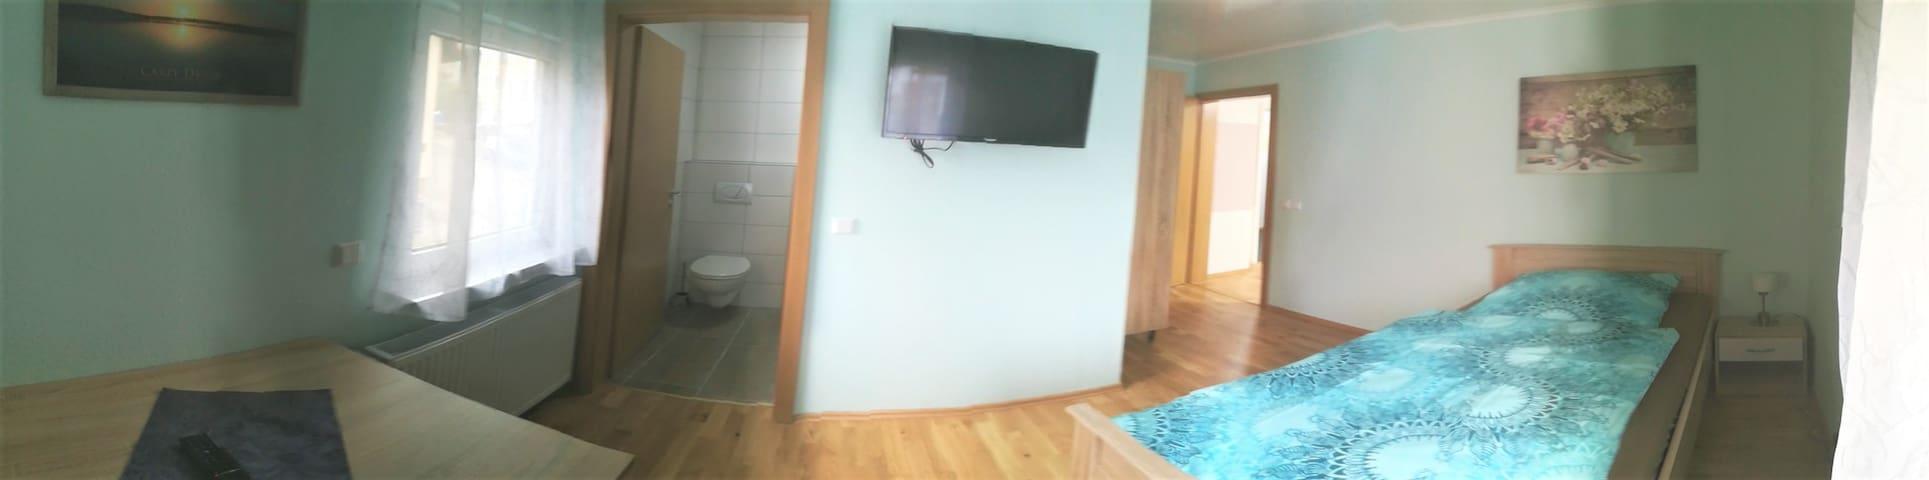 Gästezimmer 2 - Zur Müllerrei